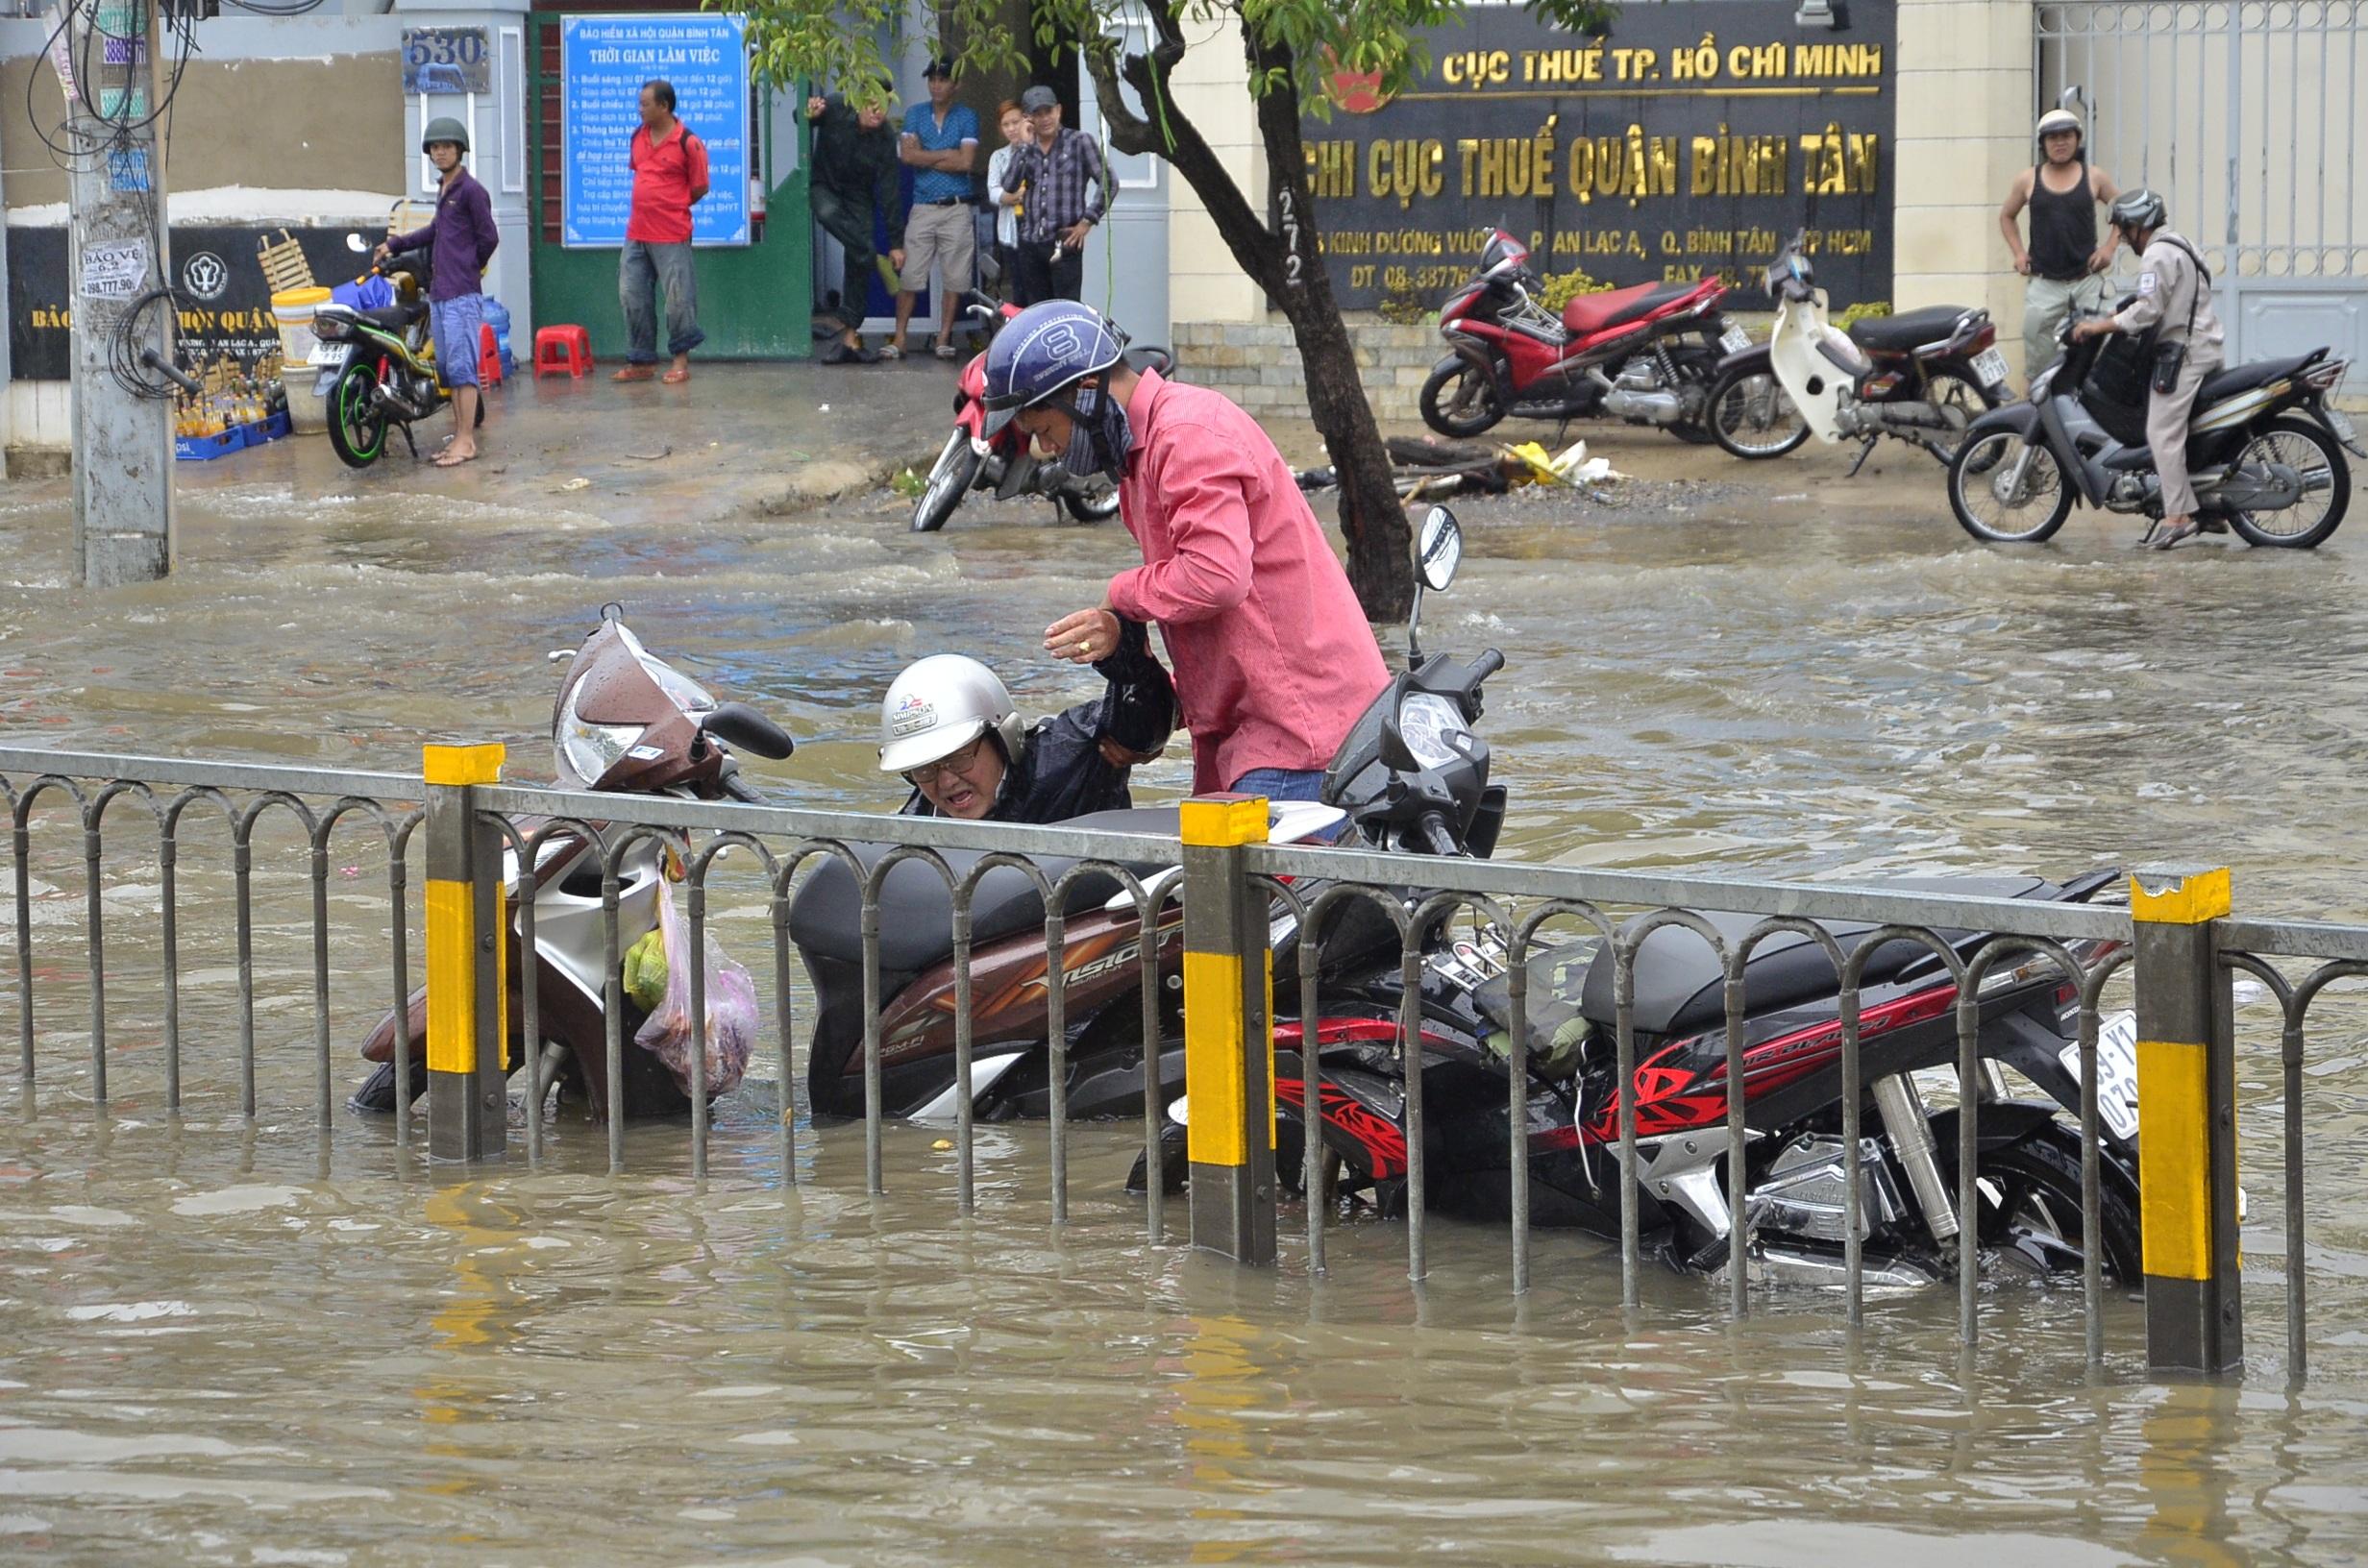 Nhiều người bị té ngã do đường ngập